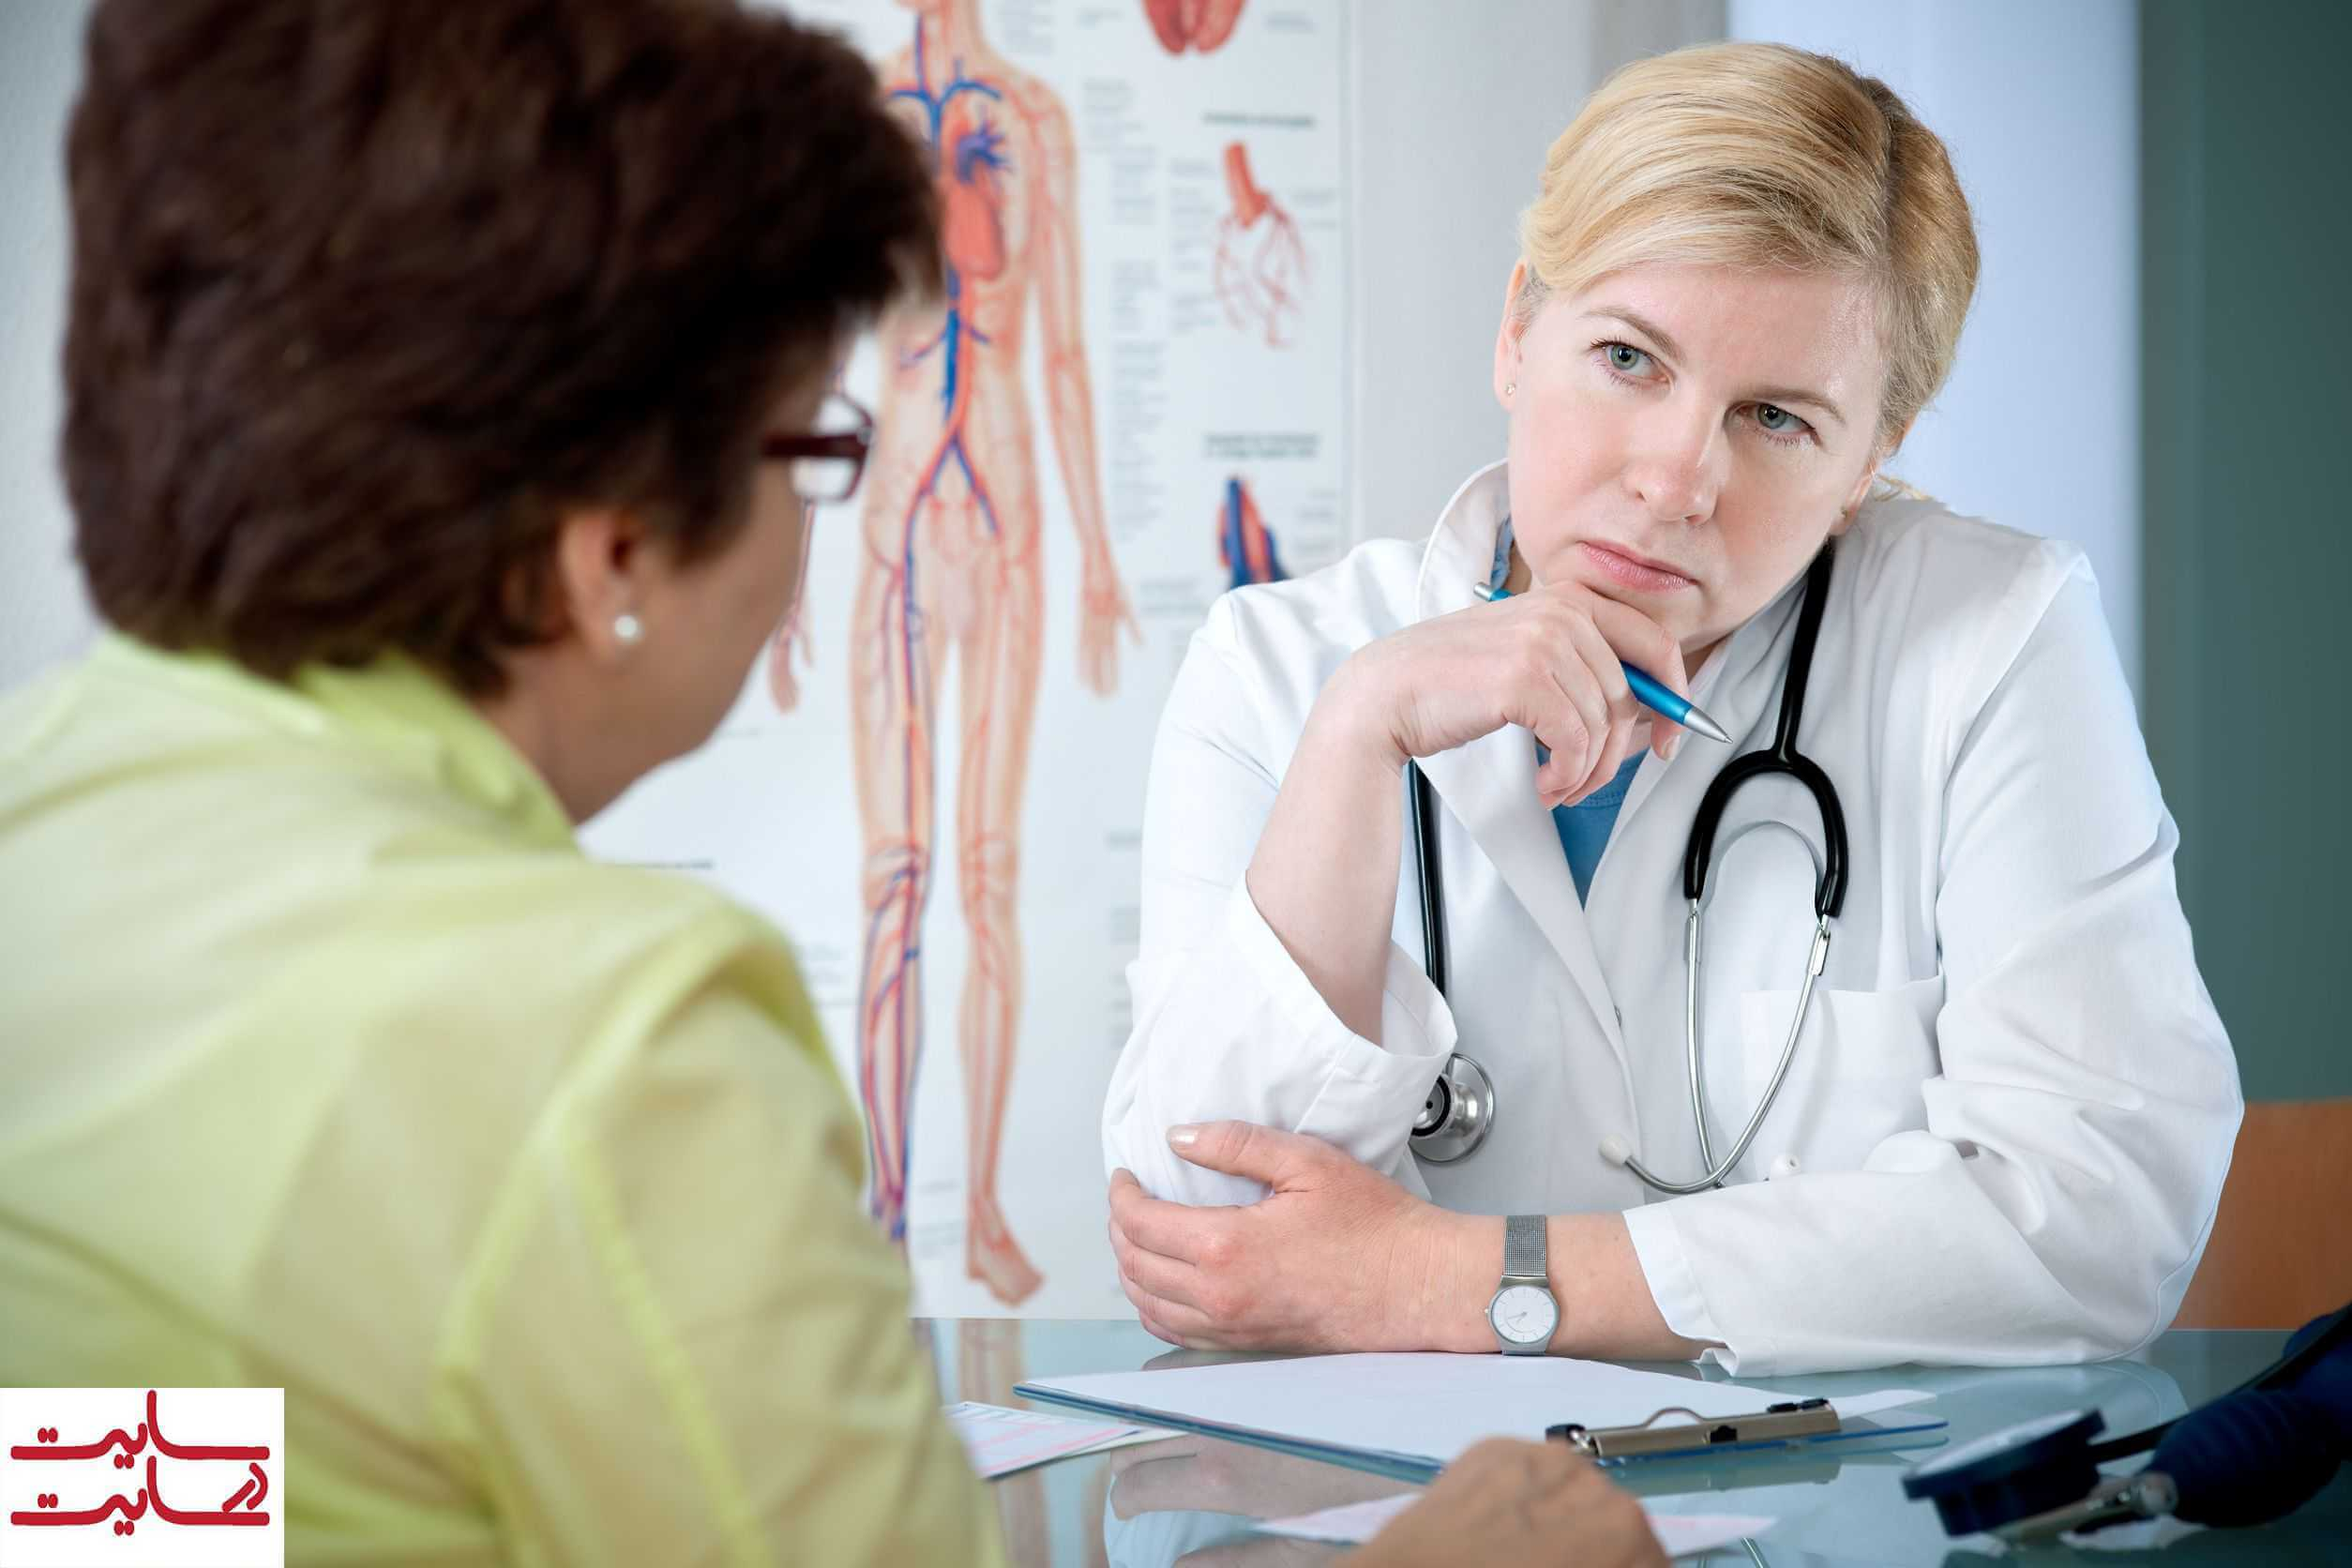 مهارت شنیداری پزشک